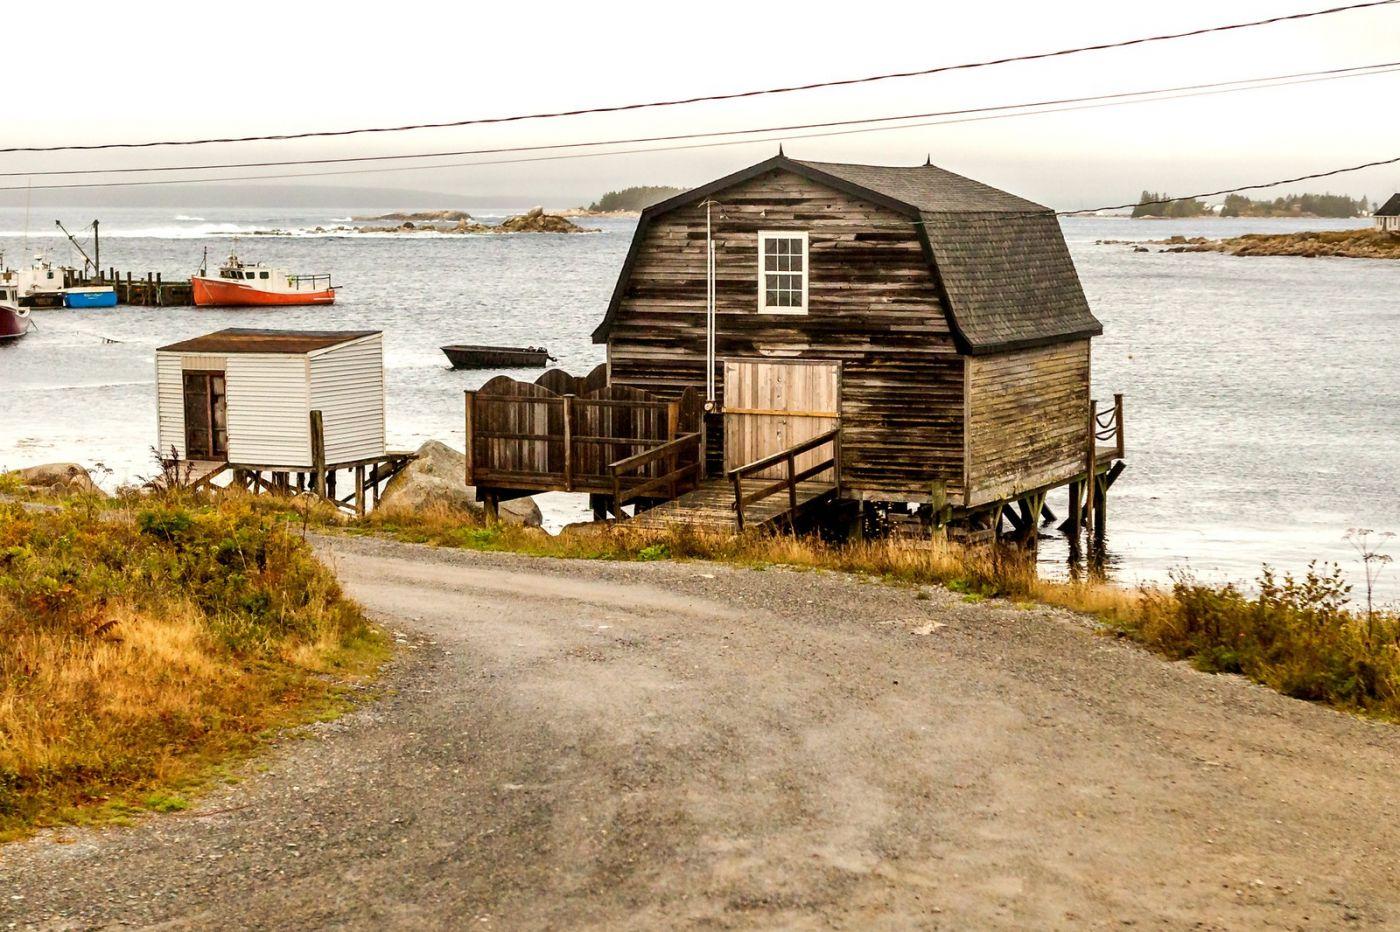 加拿大旅途,乡村的幸福生活_图1-30